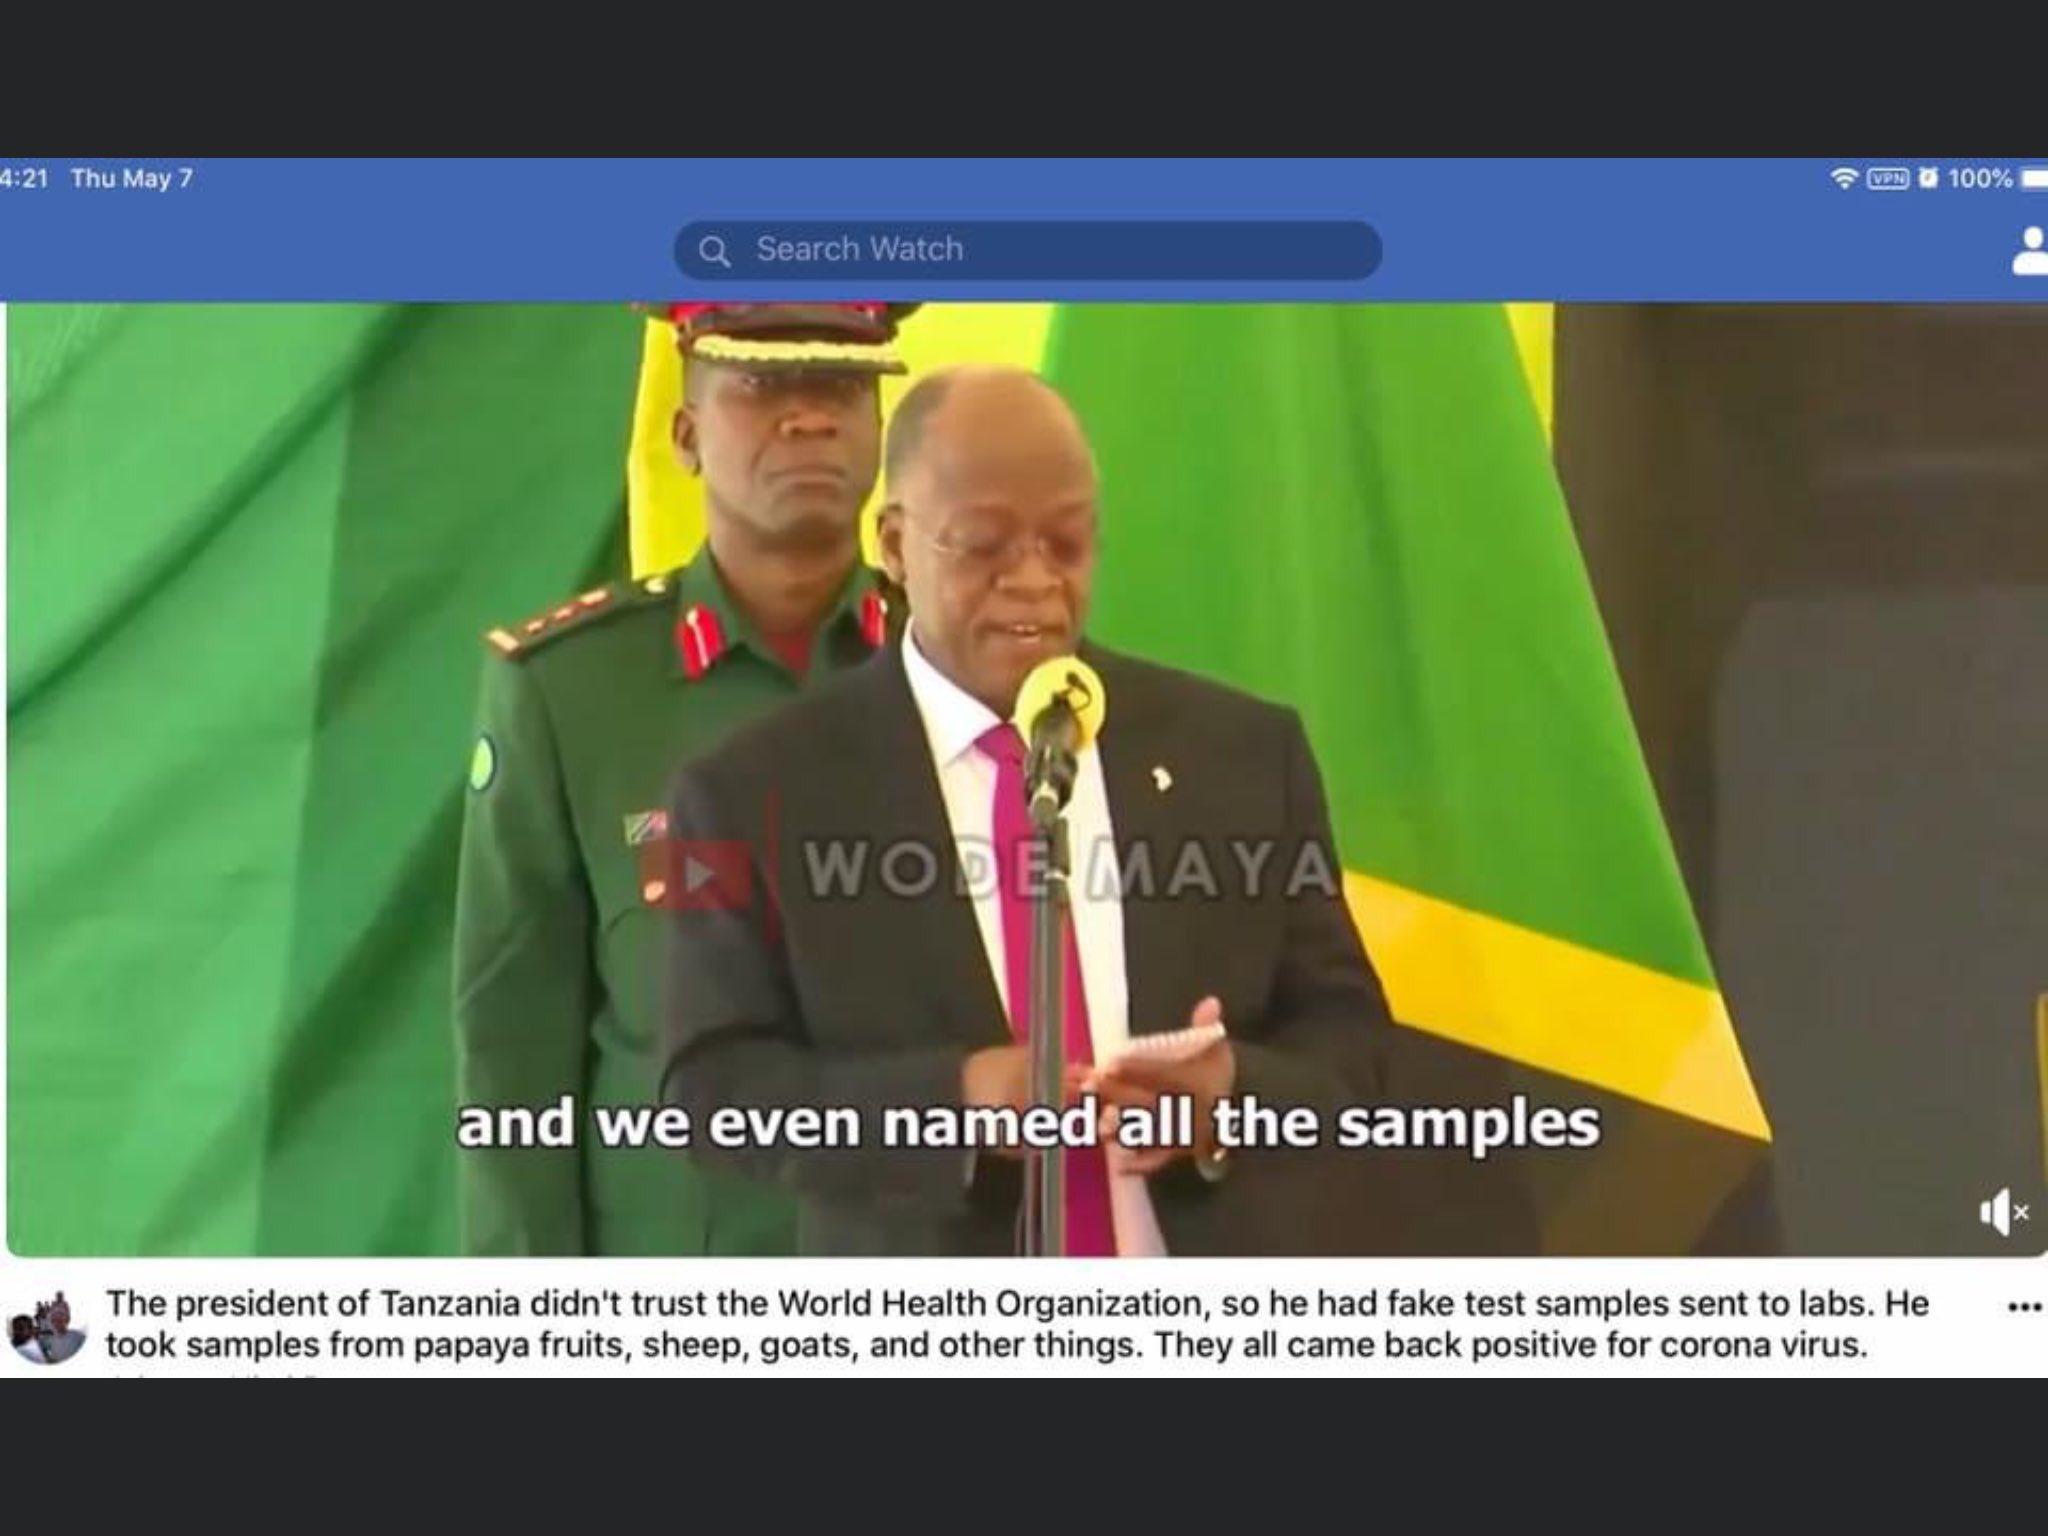 タンザニア大統領 パパイヤ